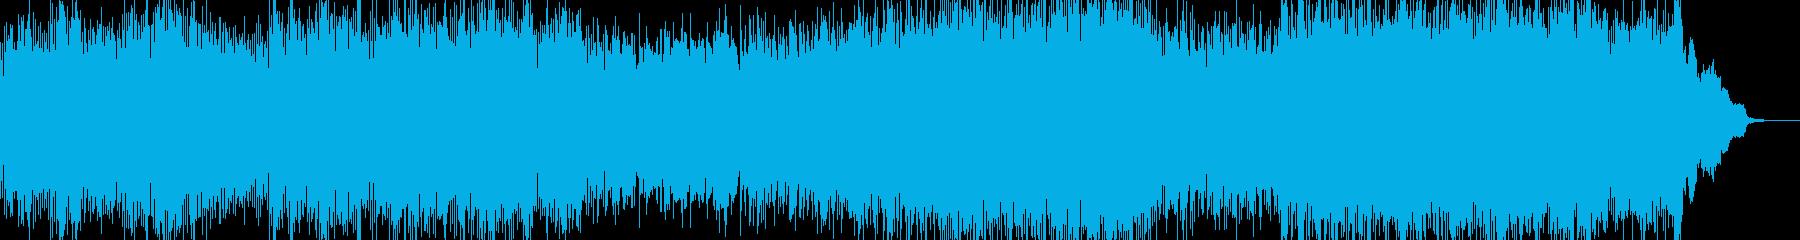 Slideの再生済みの波形